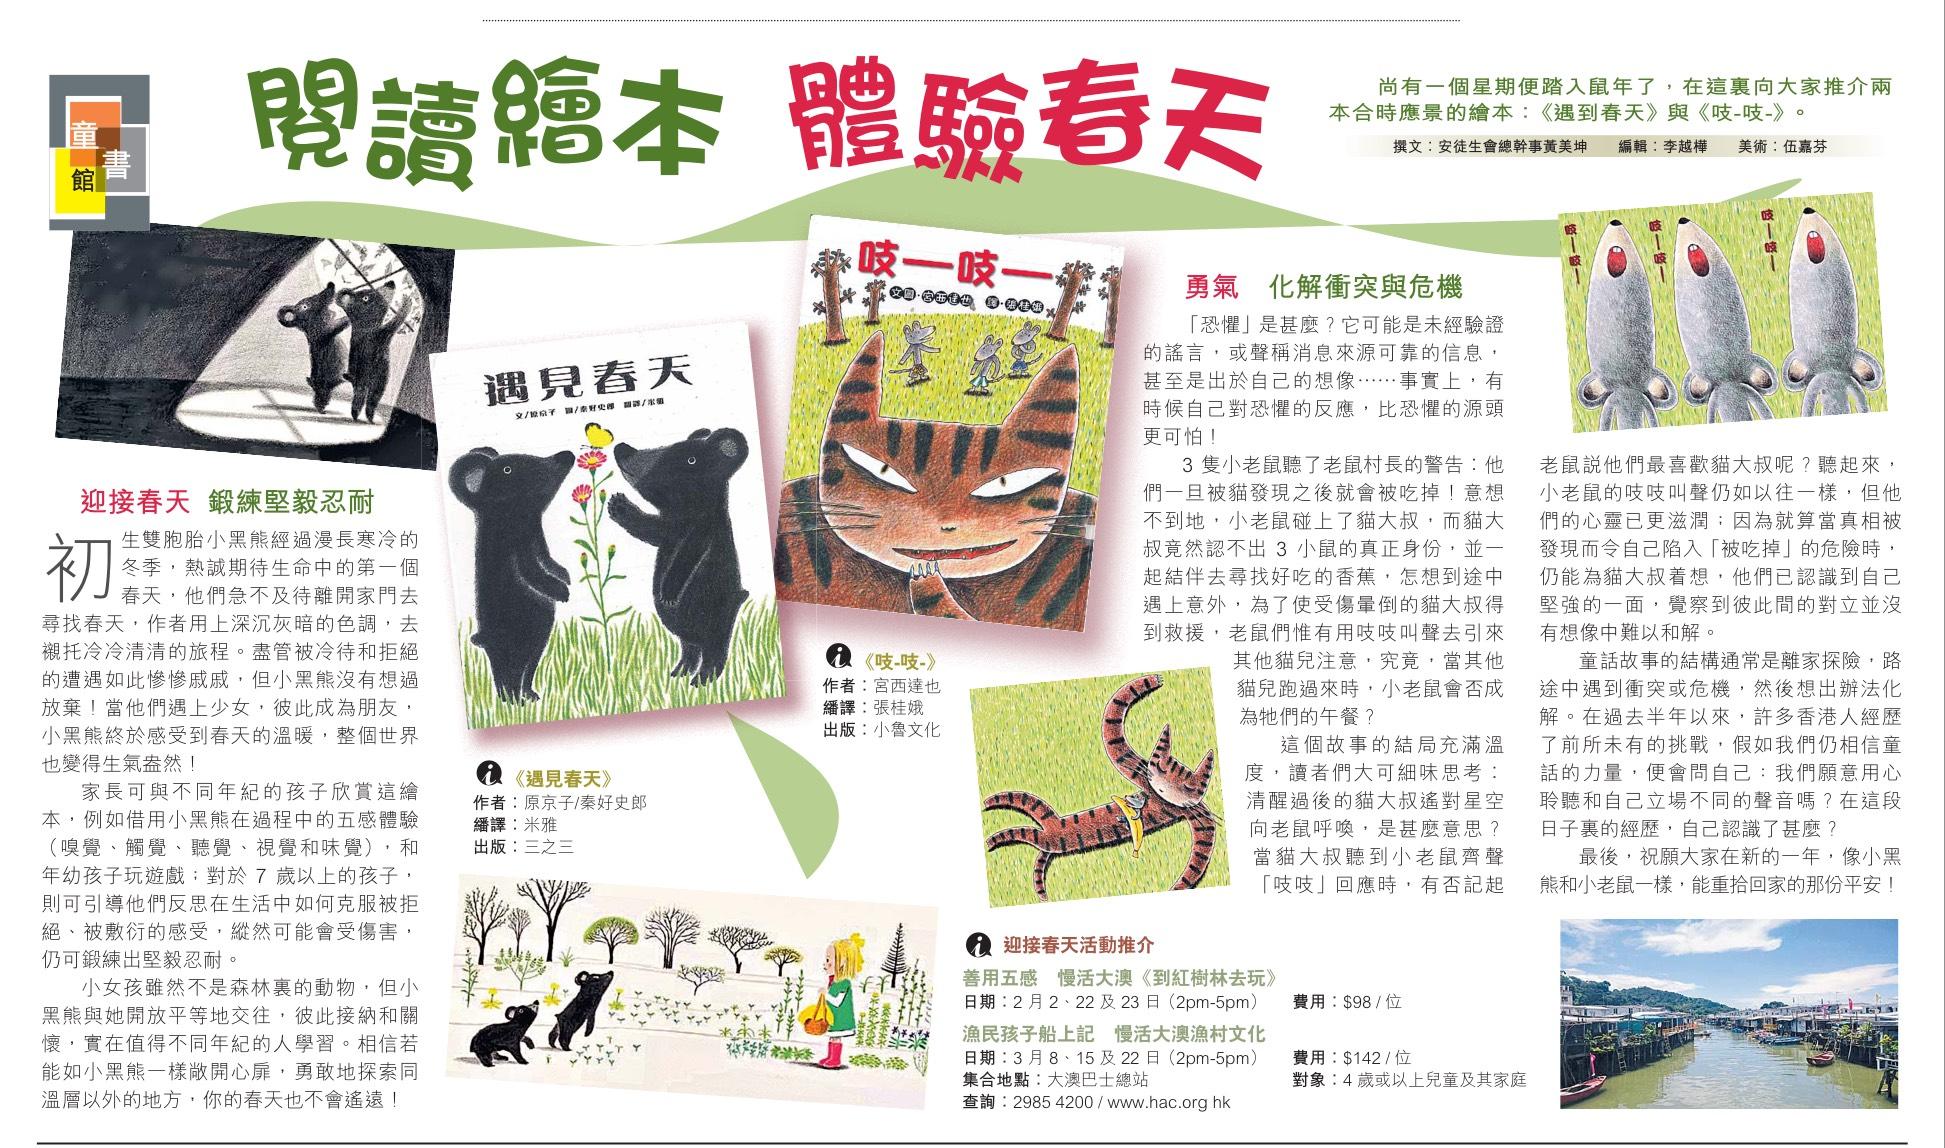 經濟日報:閱讀繪本 體驗春天